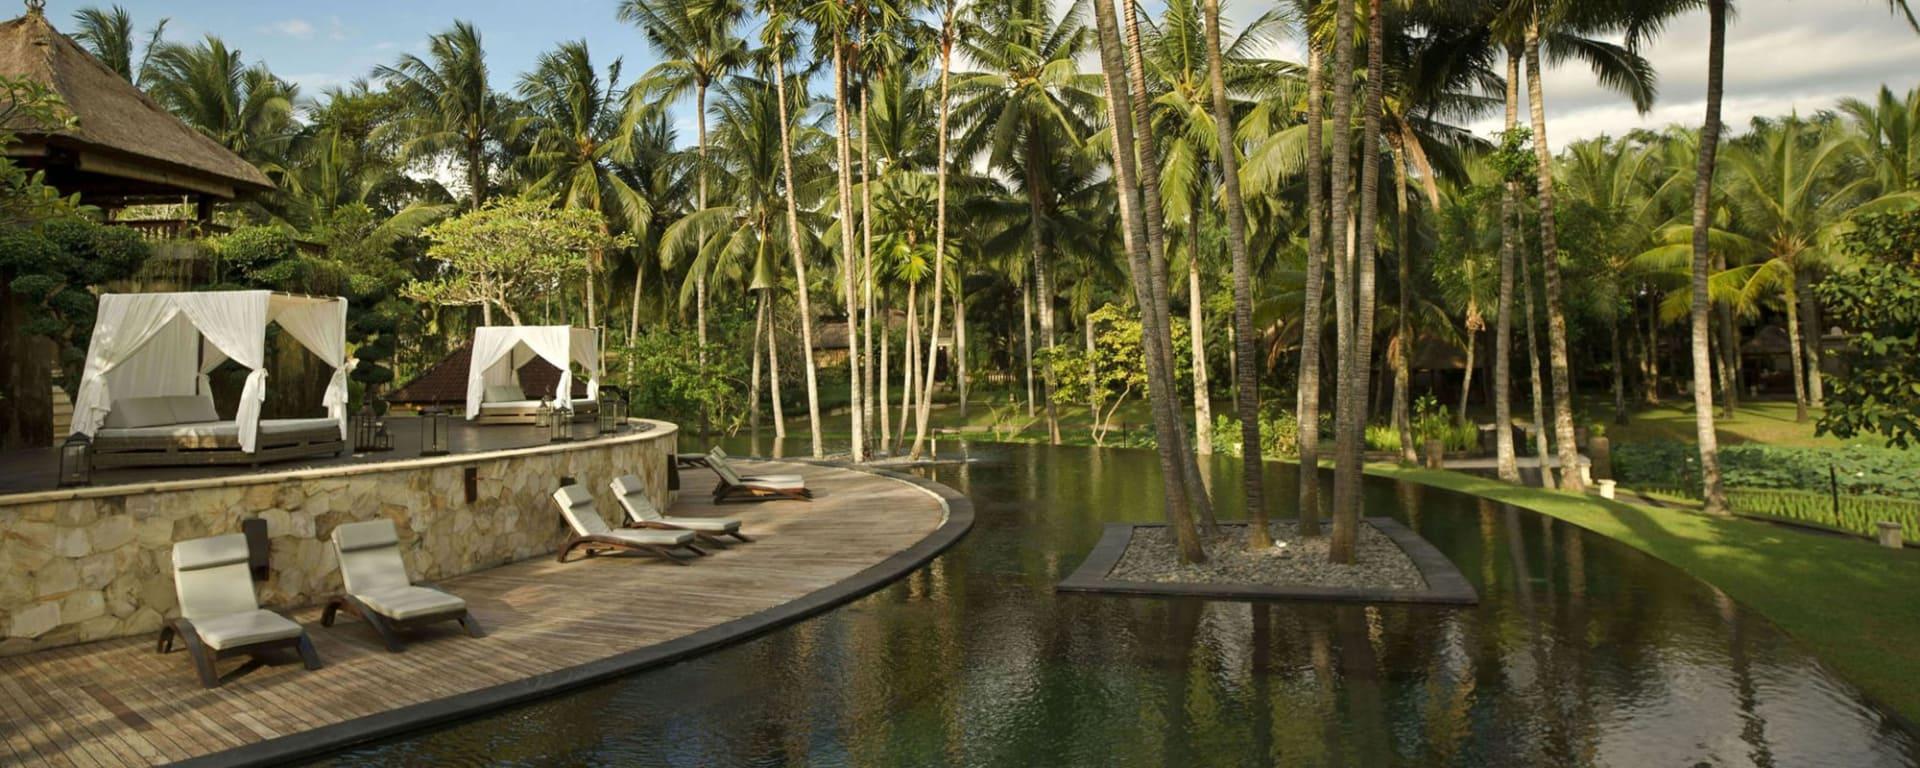 The Ubud Village Resort & Spa: Main Pool